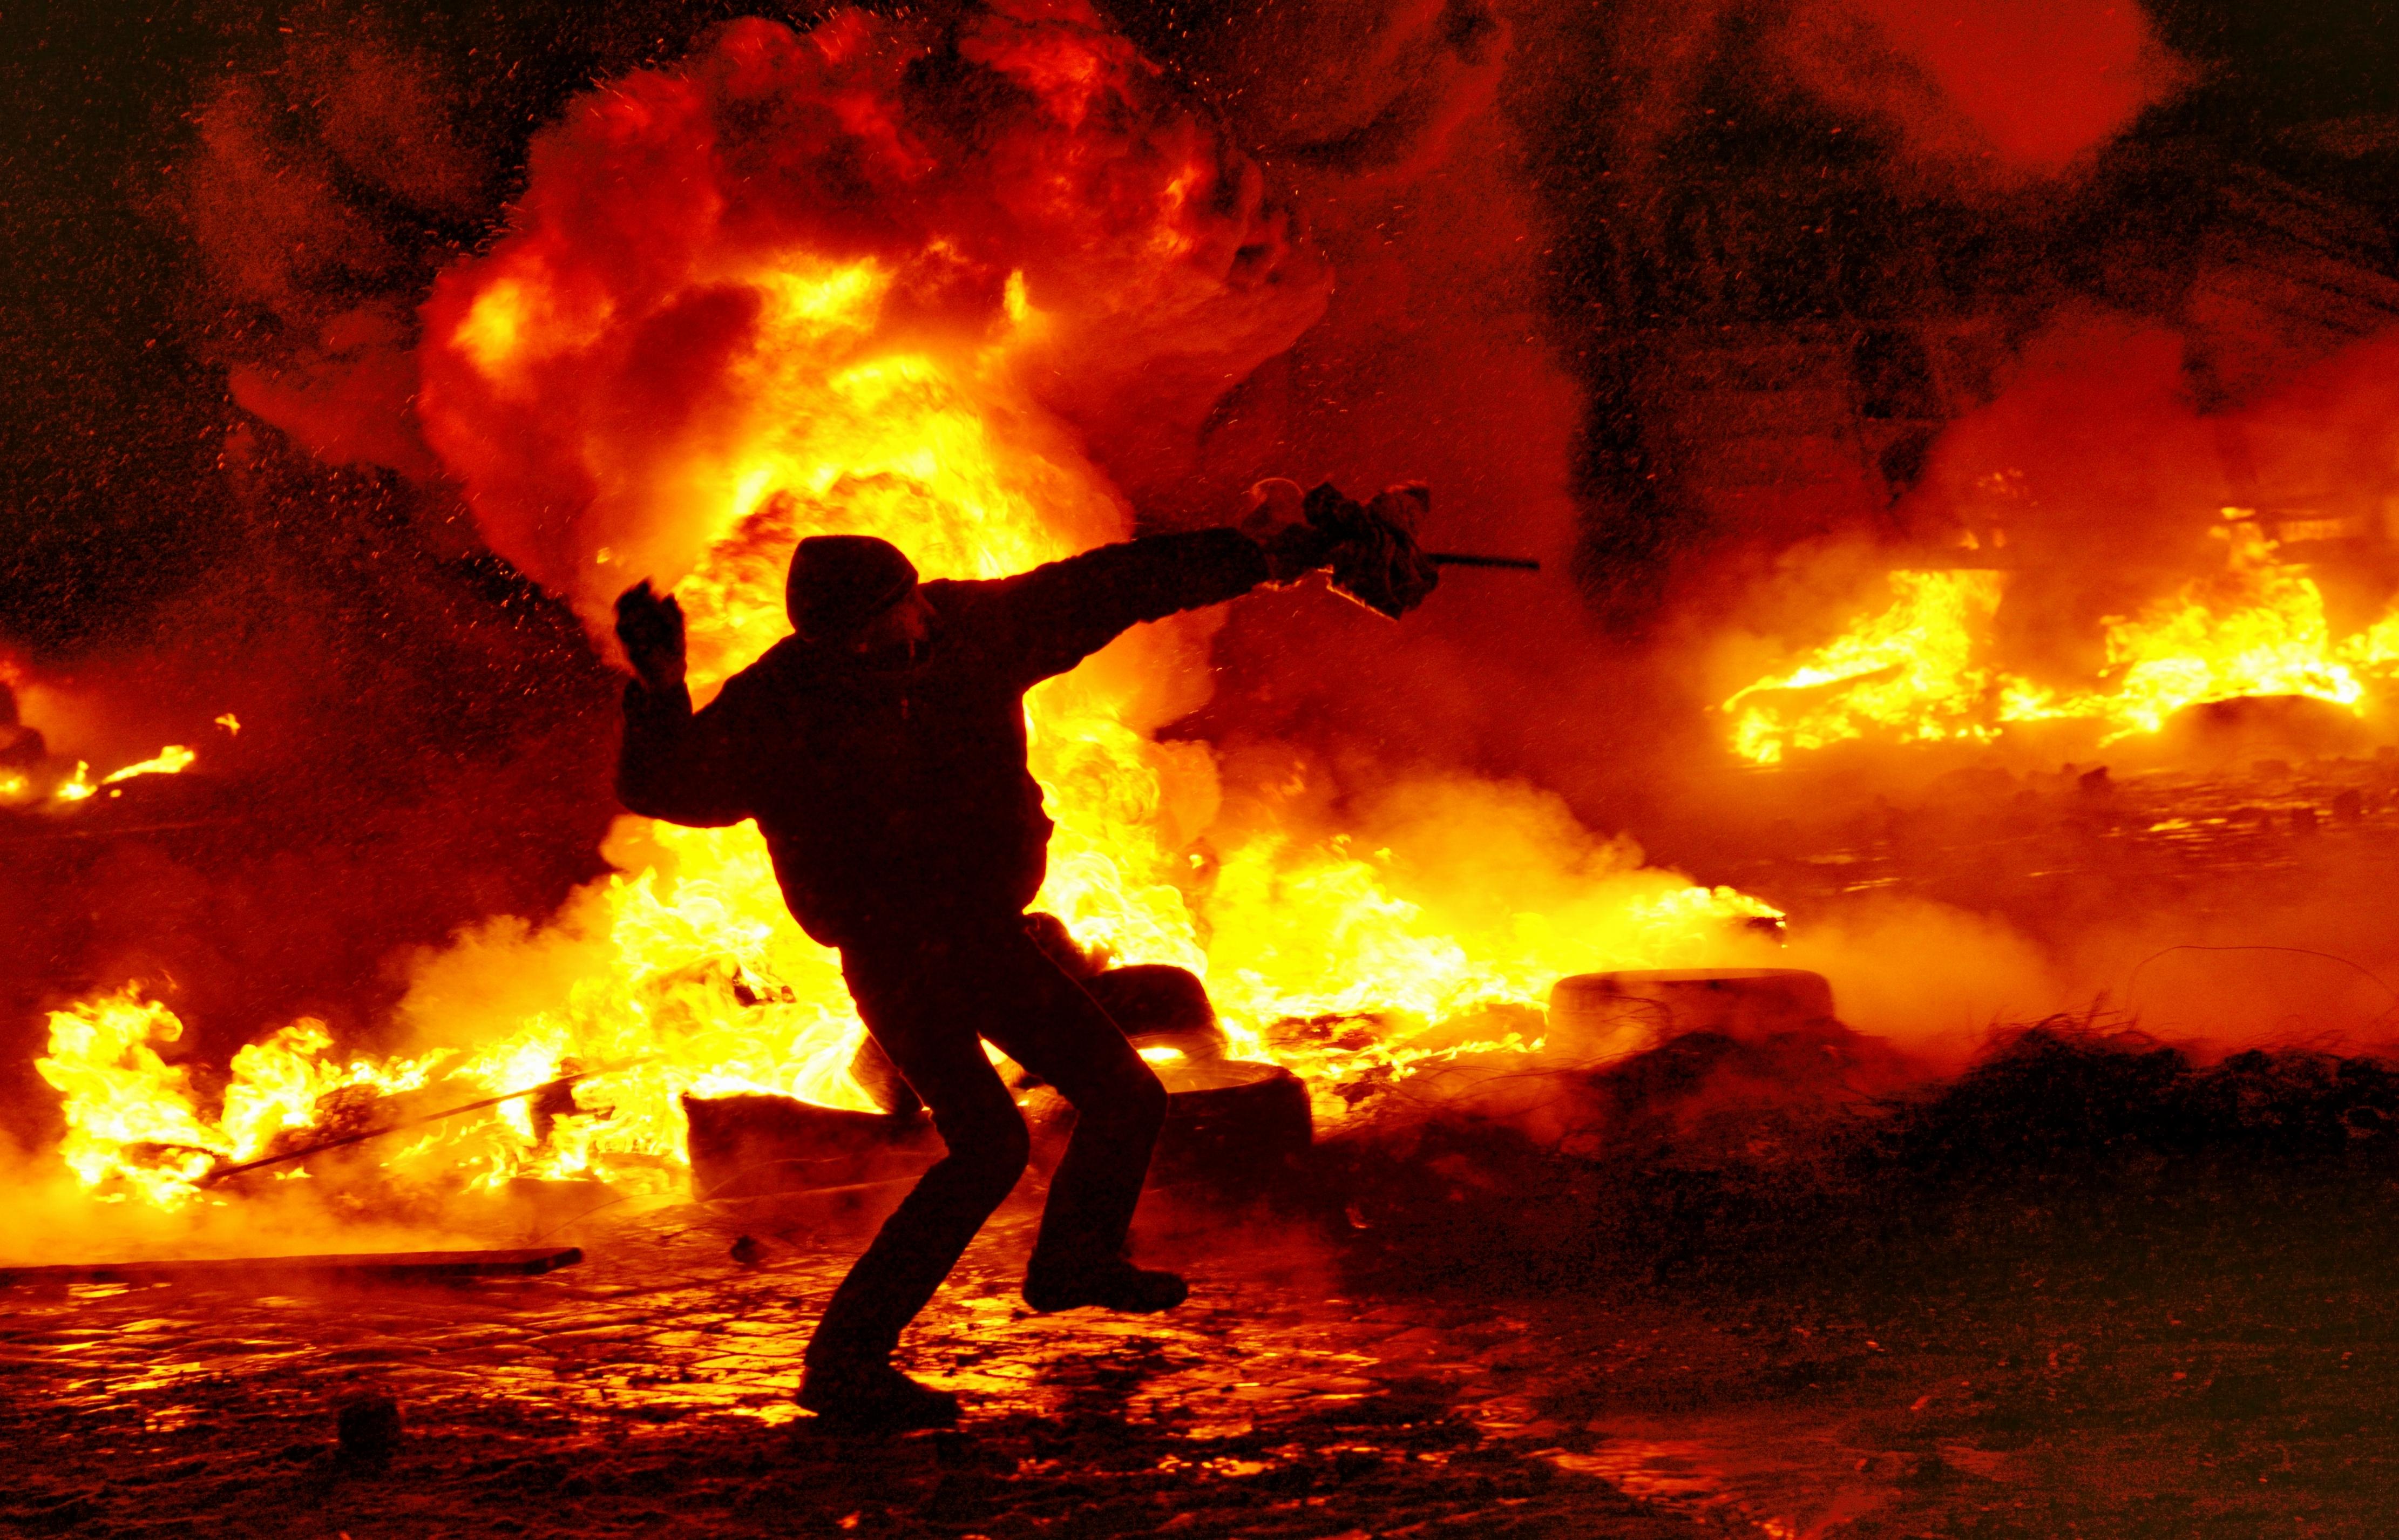 http://upload.wikimedia.org/wikipedia/commons/0/09/Kiev,_Grushevskogo_str._22.01.2014.JPG